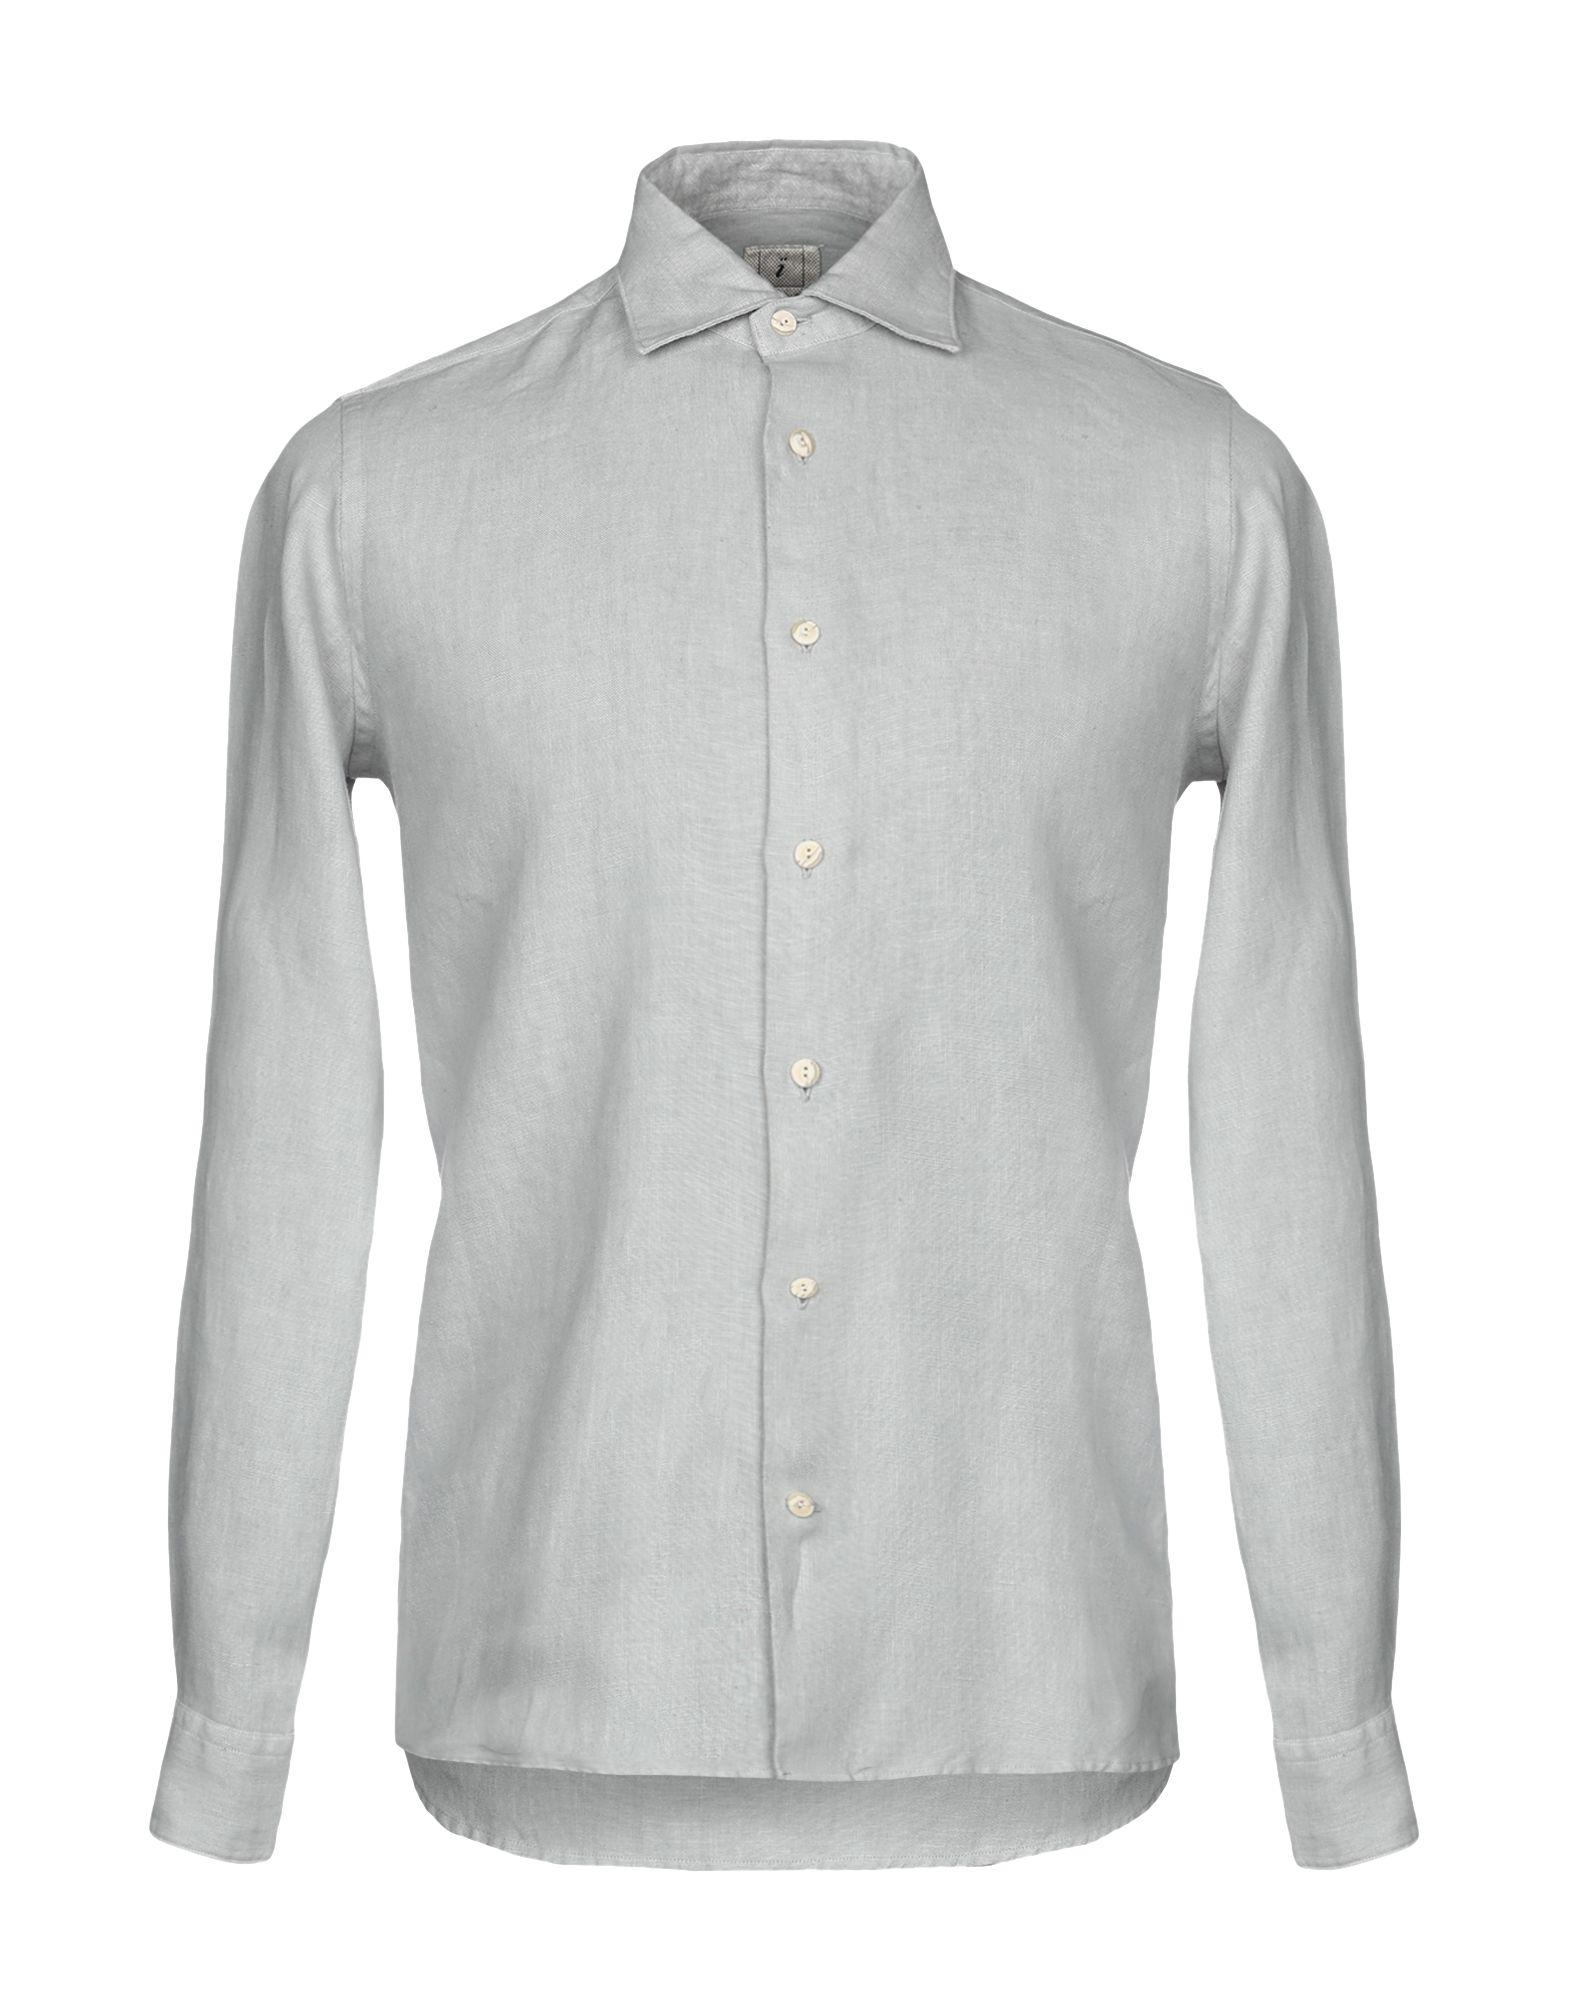 《送料無料》DRUMOHR メンズ シャツ グレー S 麻 100%